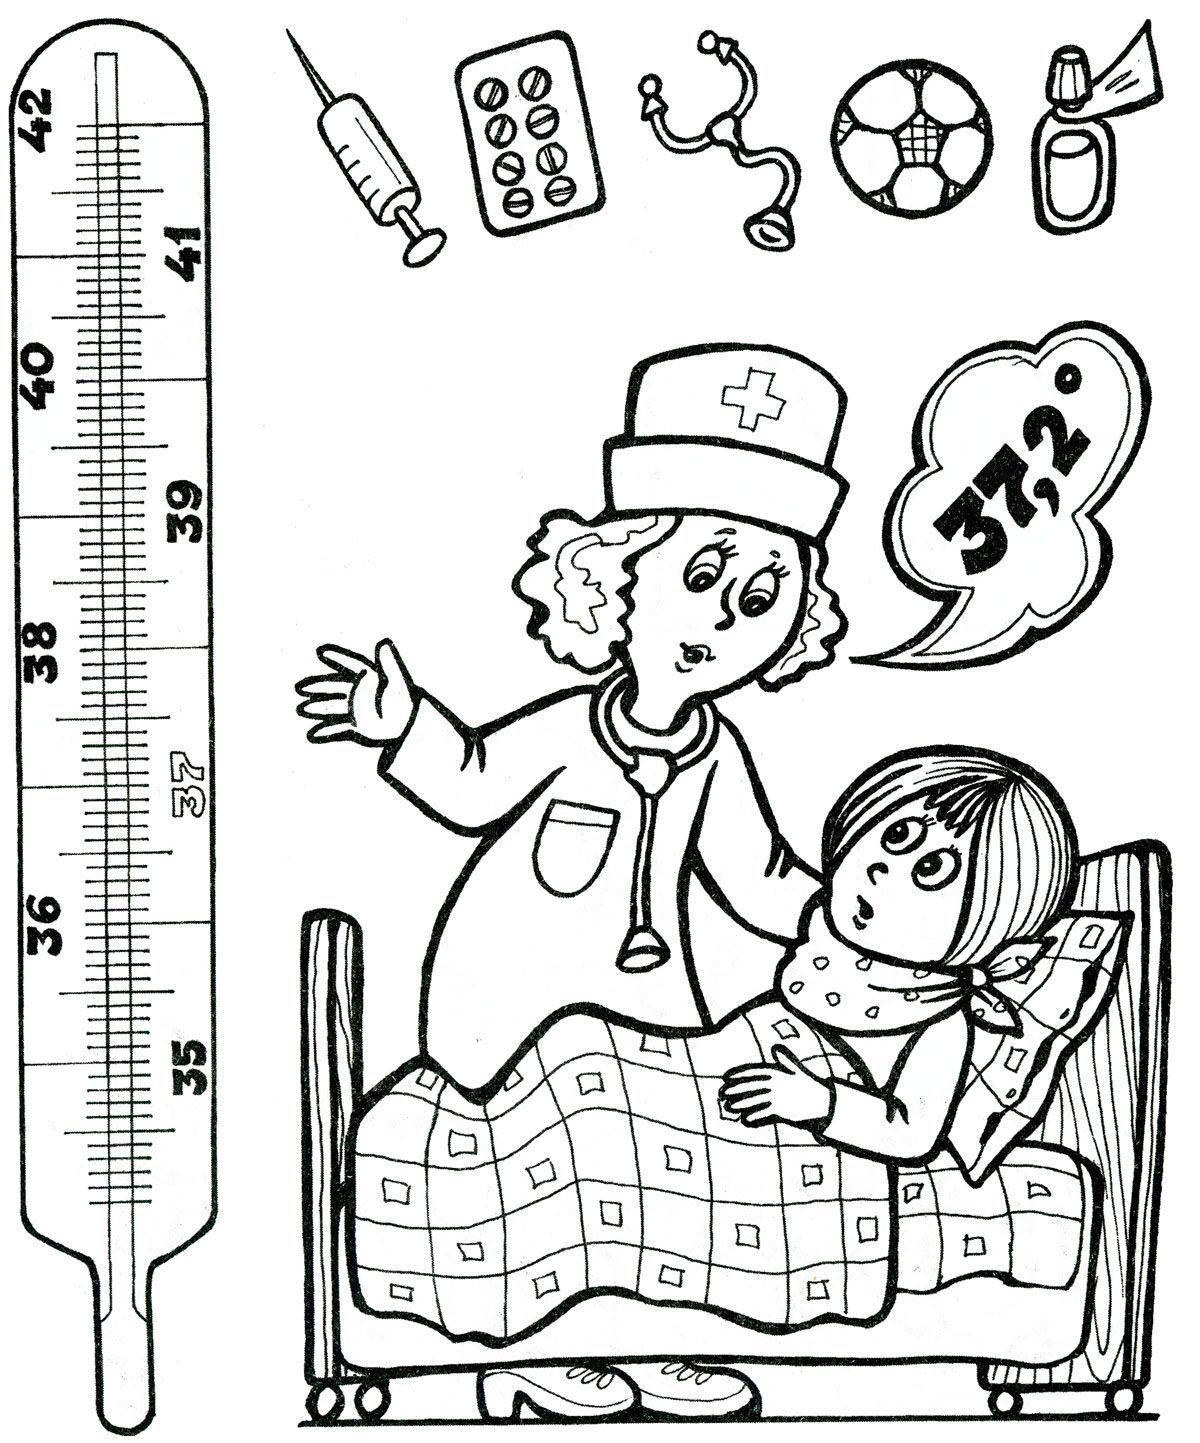 Thermometer Graden Kleur Ziek Zijn Tot De Inziek Zijn Kleur De Thermometer In Tot 37 2 Graden Kids Math Worksheets Coloring Books Preschool Themes